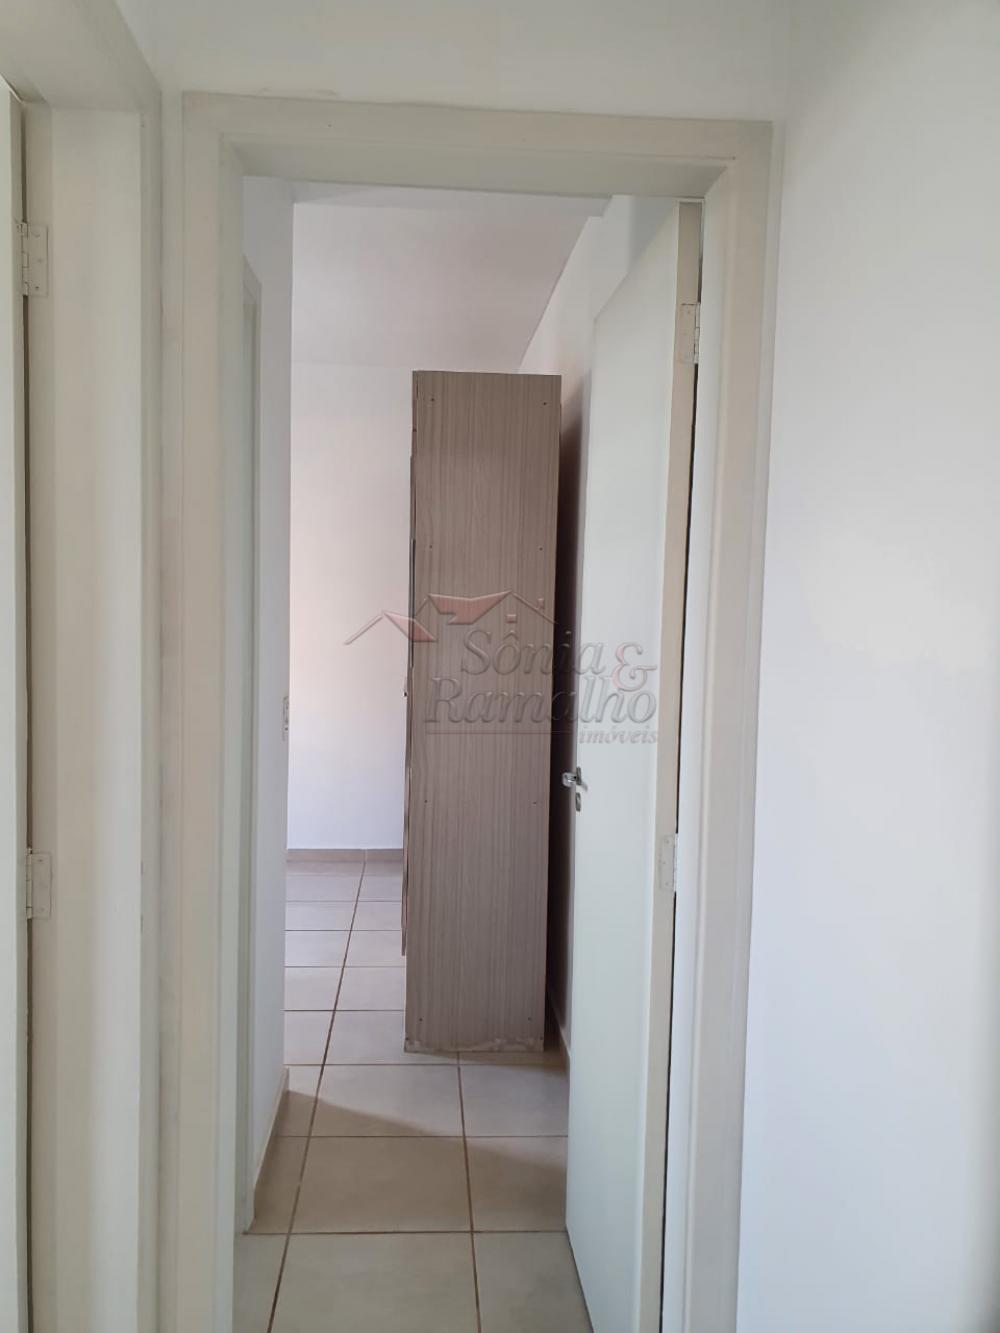 Alugar Apartamentos / Padrão em Ribeirão Preto R$ 850,00 - Foto 7